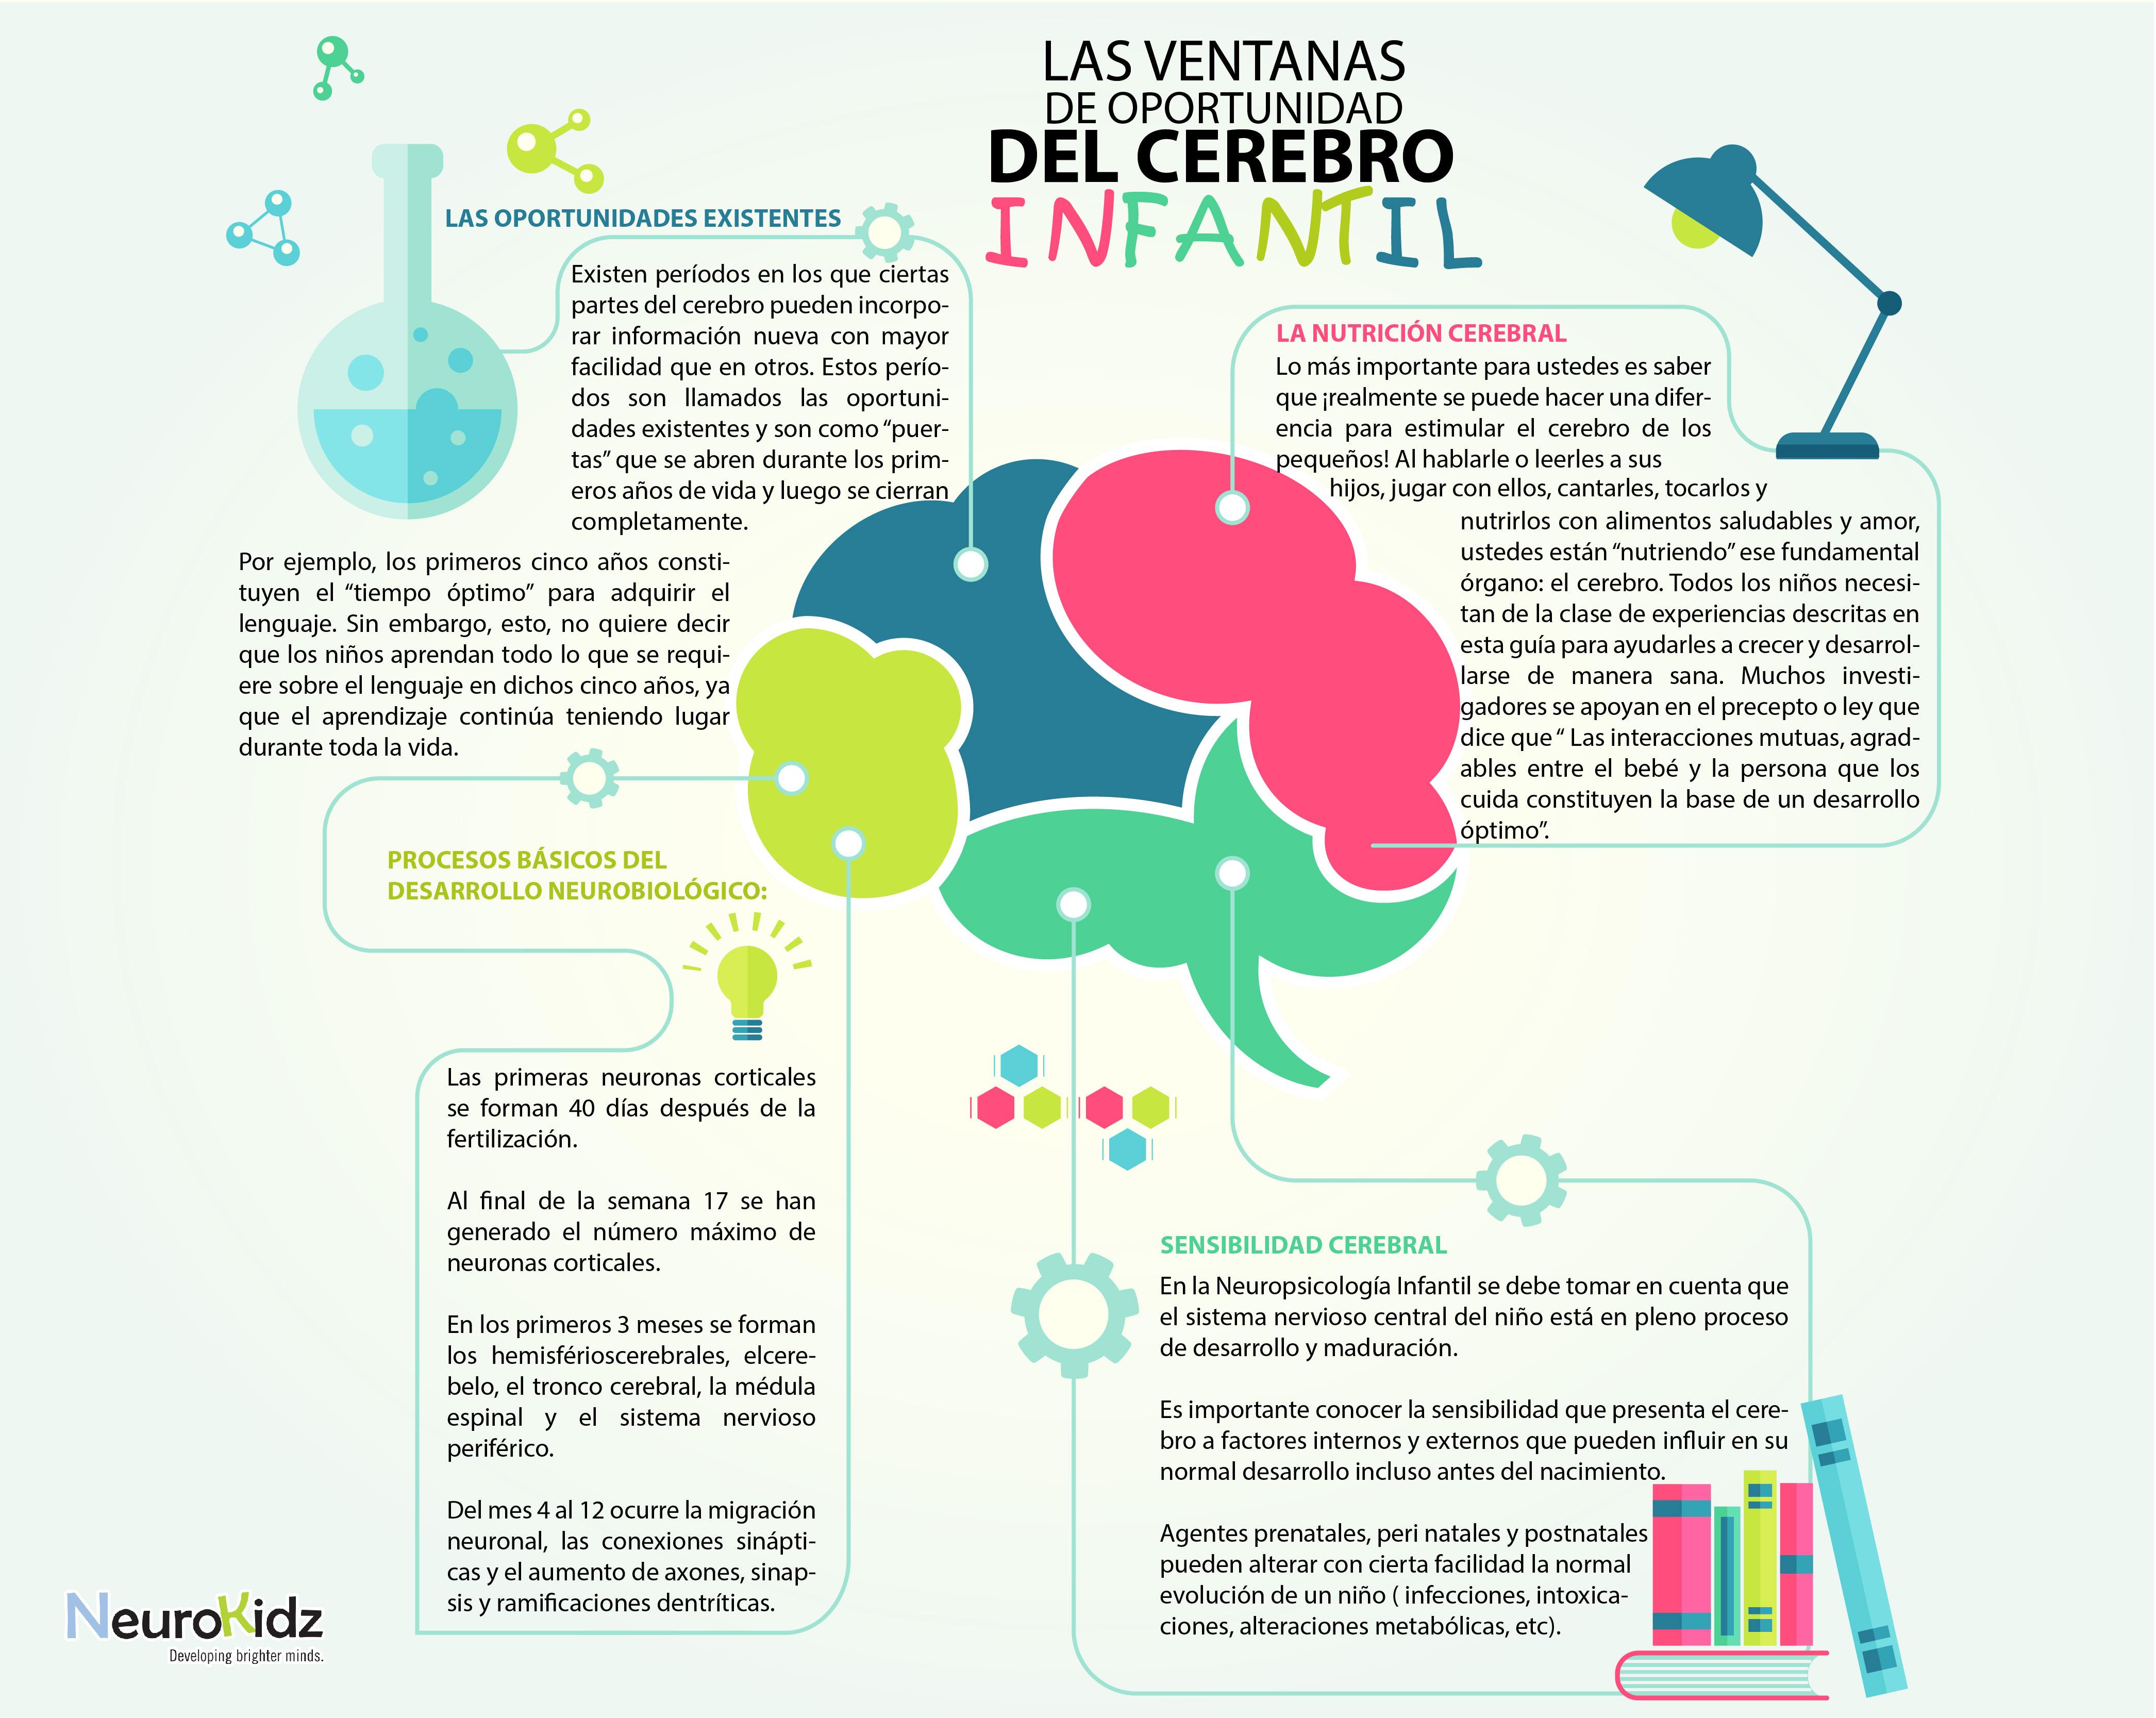 cerebro infantil-01